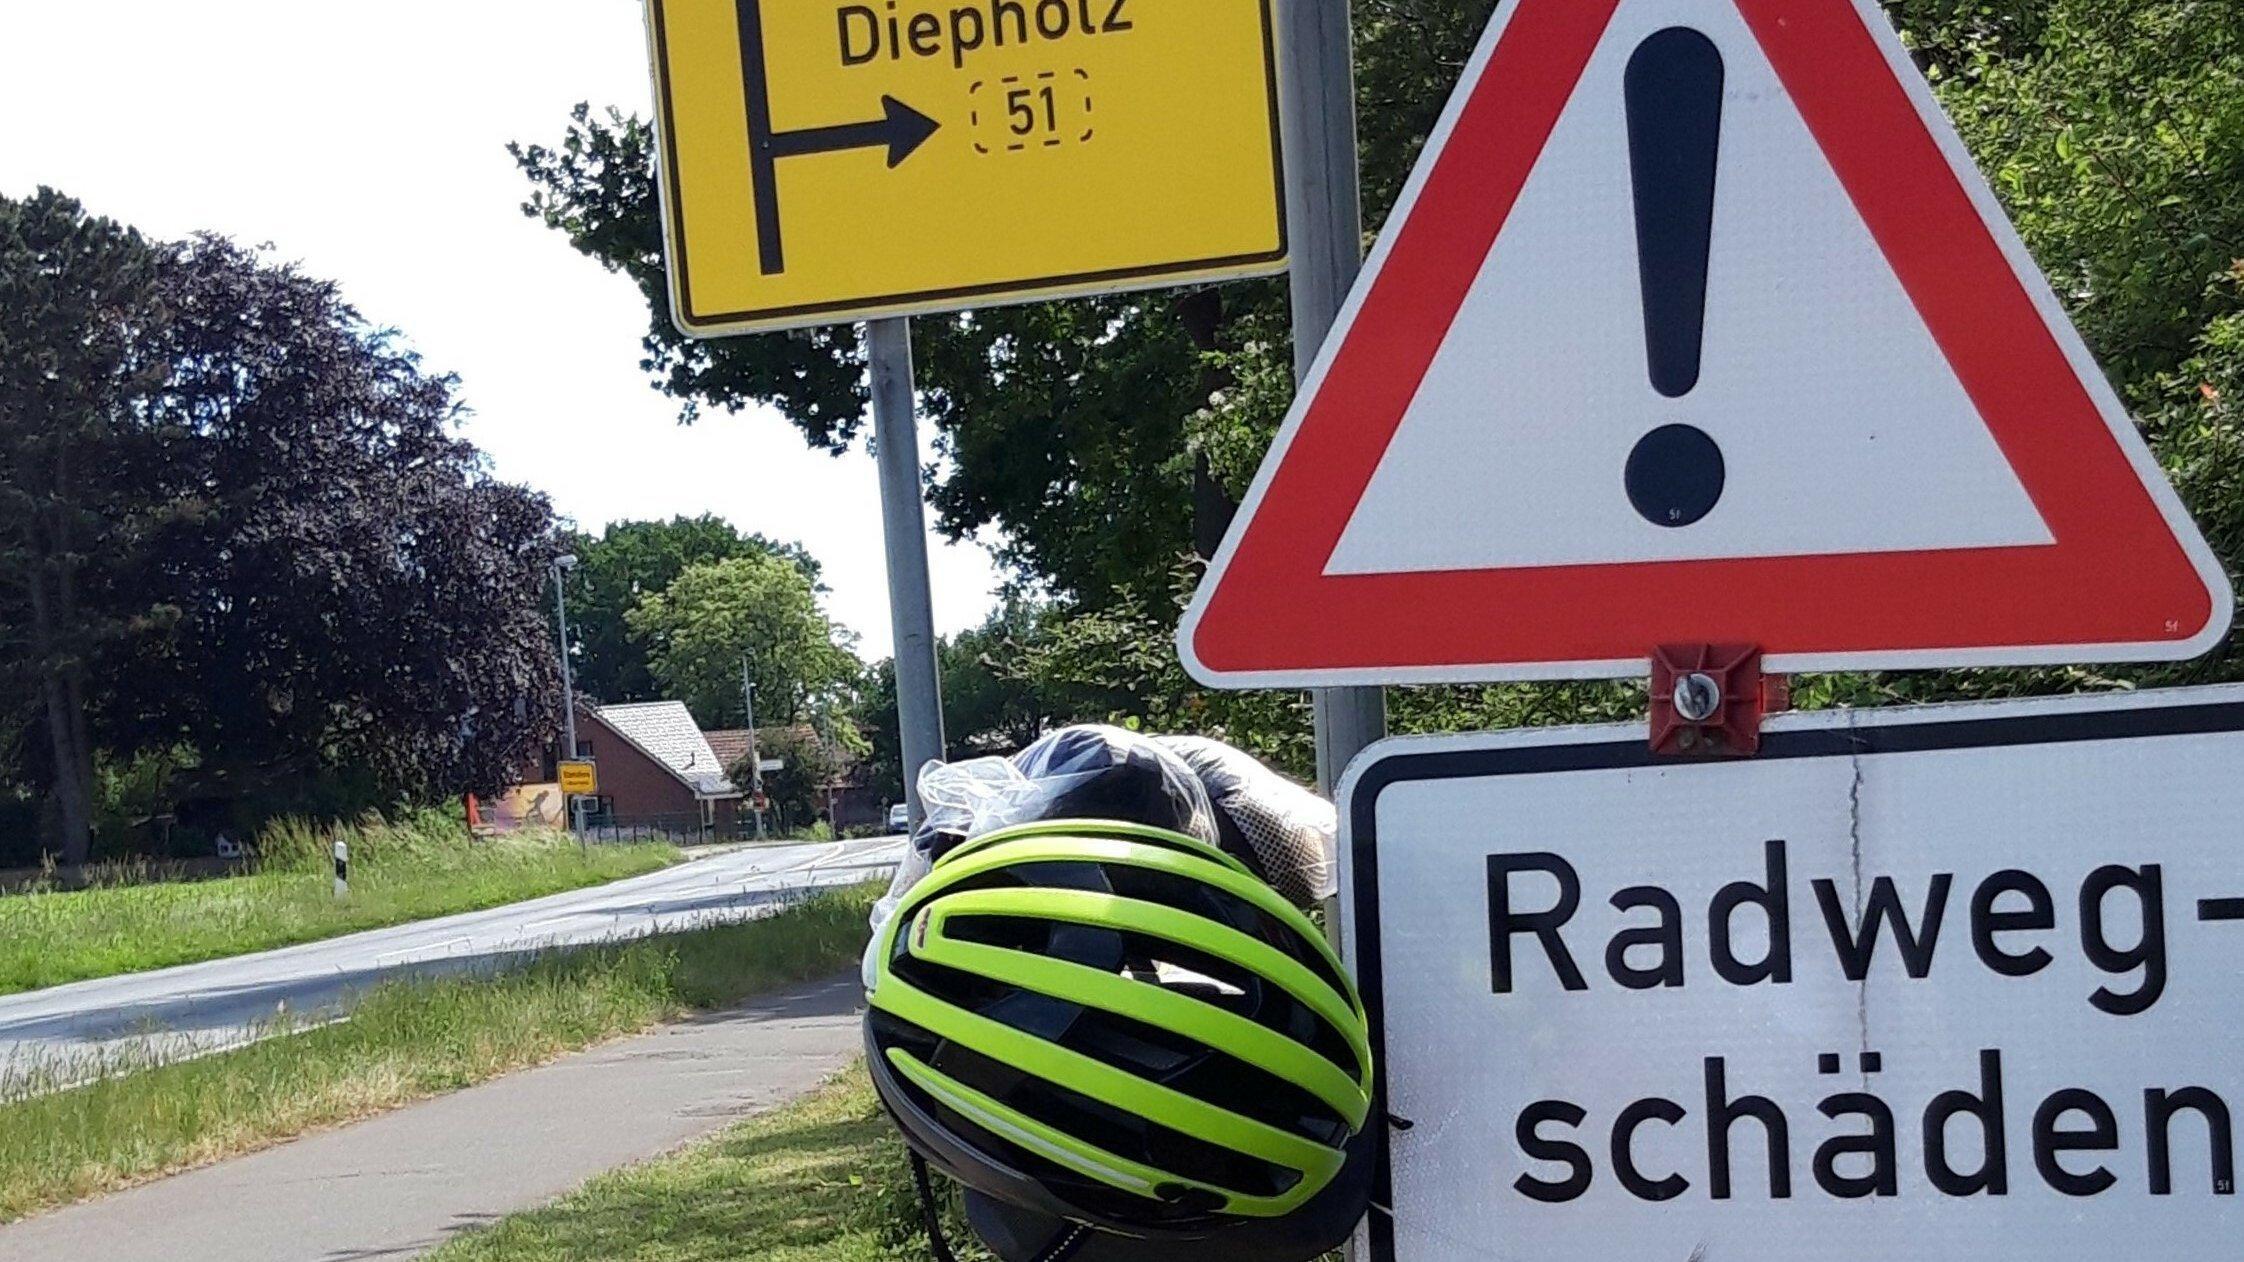 """Neben dem Radweg nördlich von Lübbecke prangt ein Warnschild mit der Aufschrift """"Radwege-Schäden""""."""